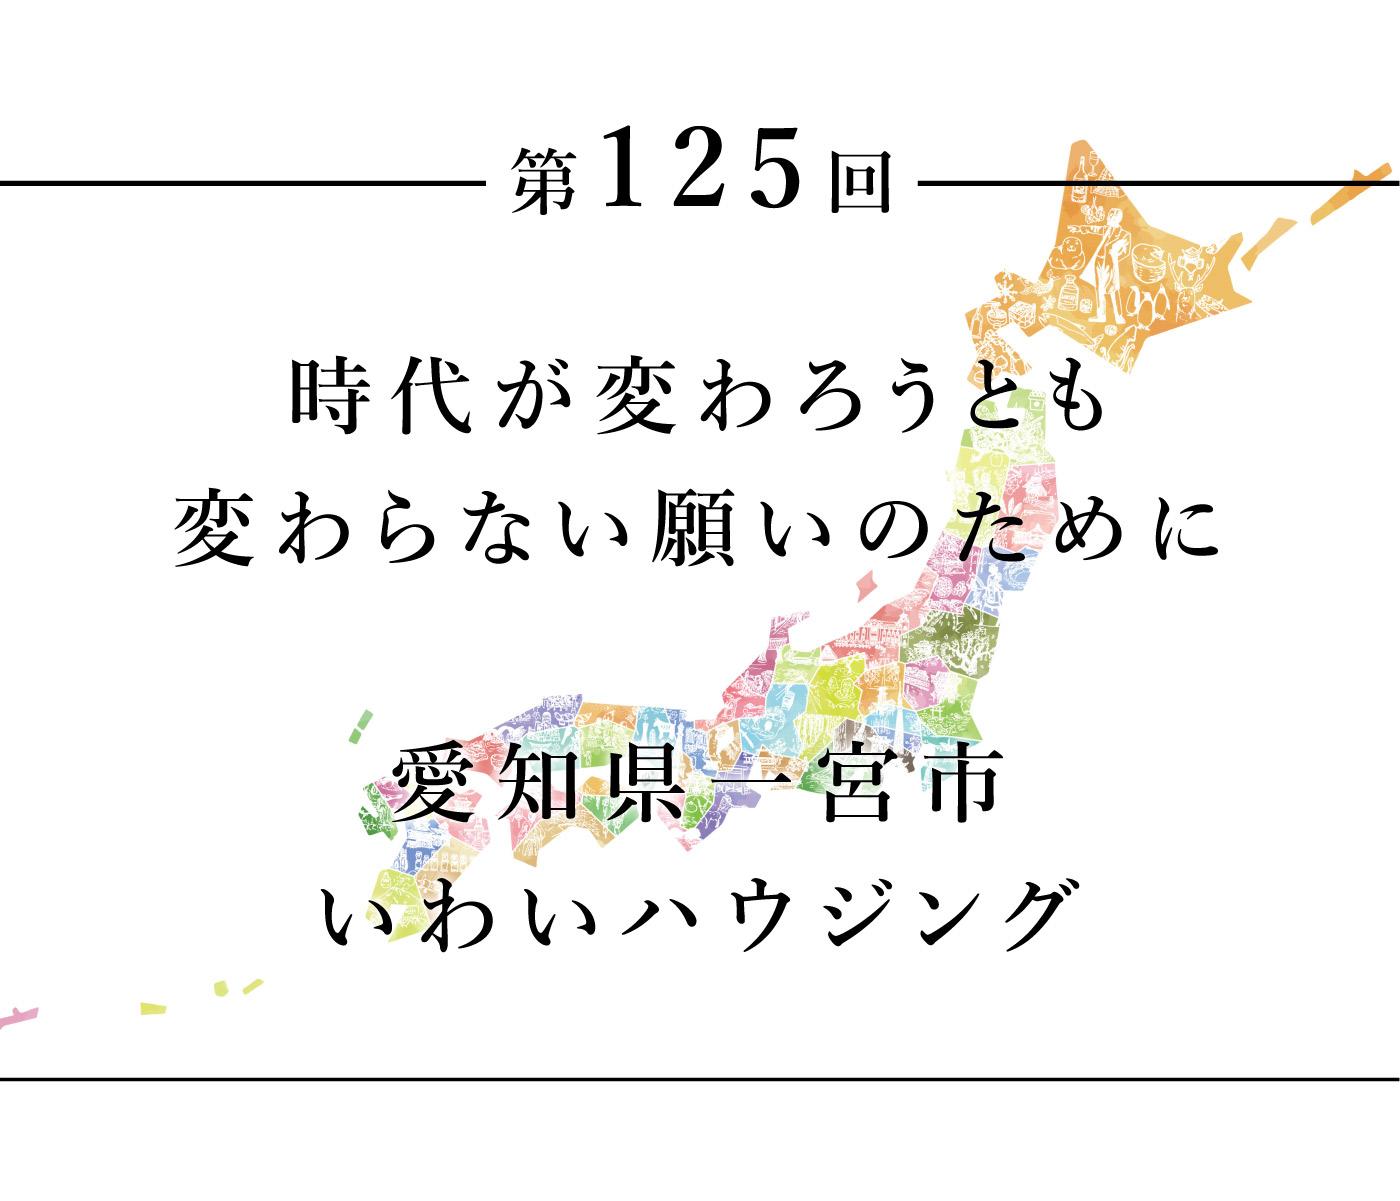 ちいきのたより第125回時代が変わろうとも変わらない願いのために 愛知県一宮市 いわいハウジング